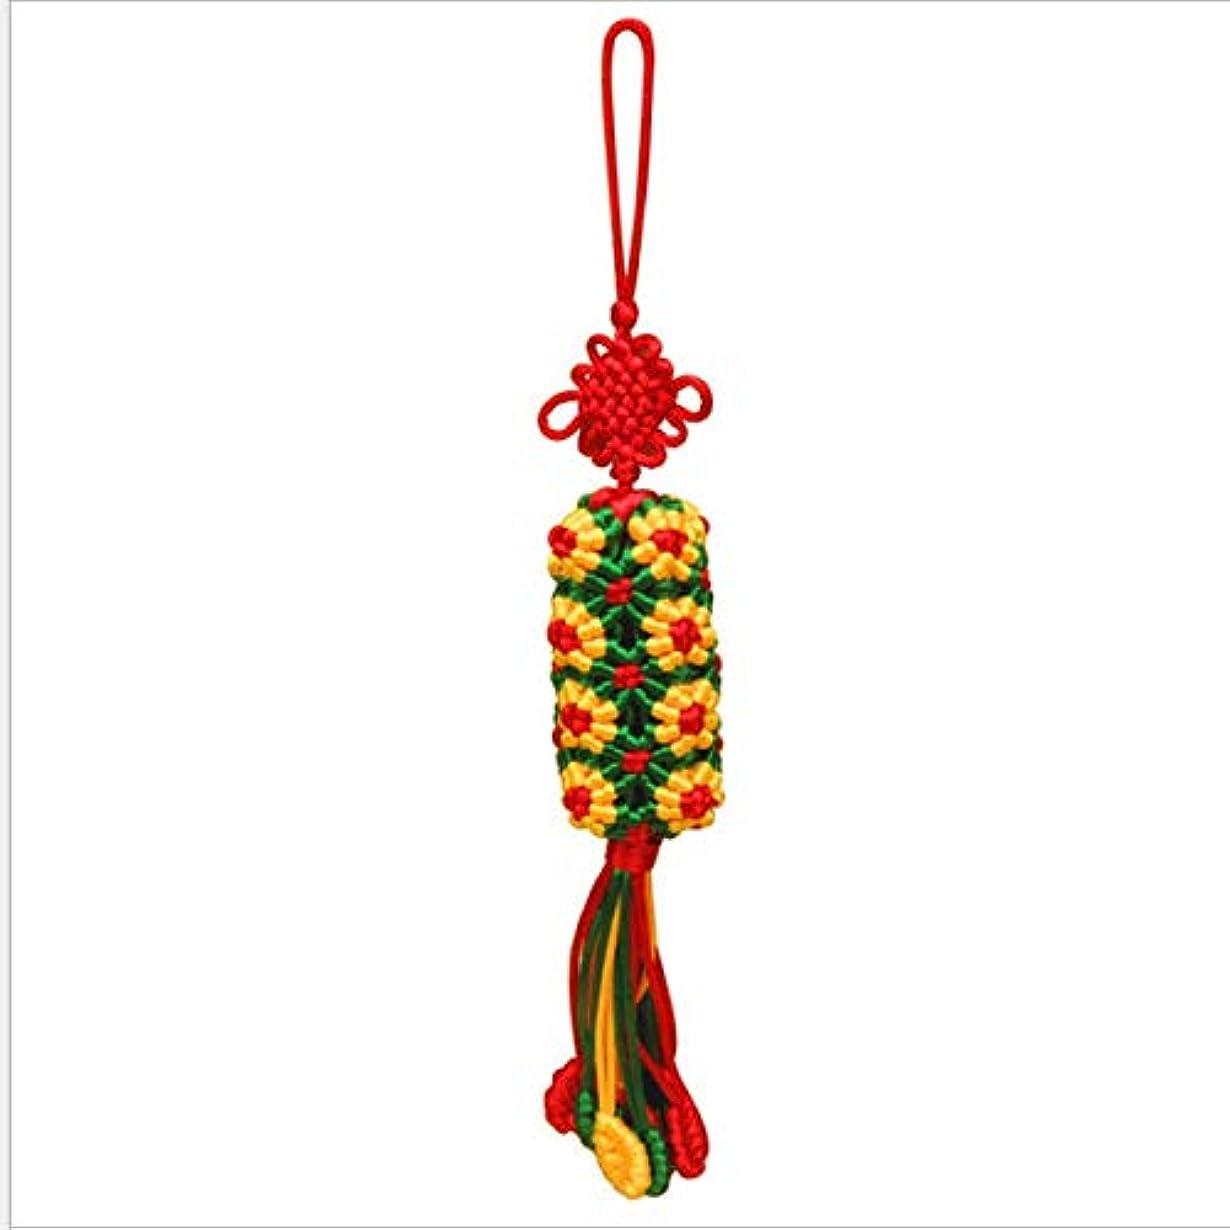 ユーザー畝間たまにFengshangshanghang 1パック、カラフルなロープの手編みの小さなペンダント、ひまわりのペンダント、フリンジサテンのチャイニーズノット(赤),家の装飾 (Color : Red)